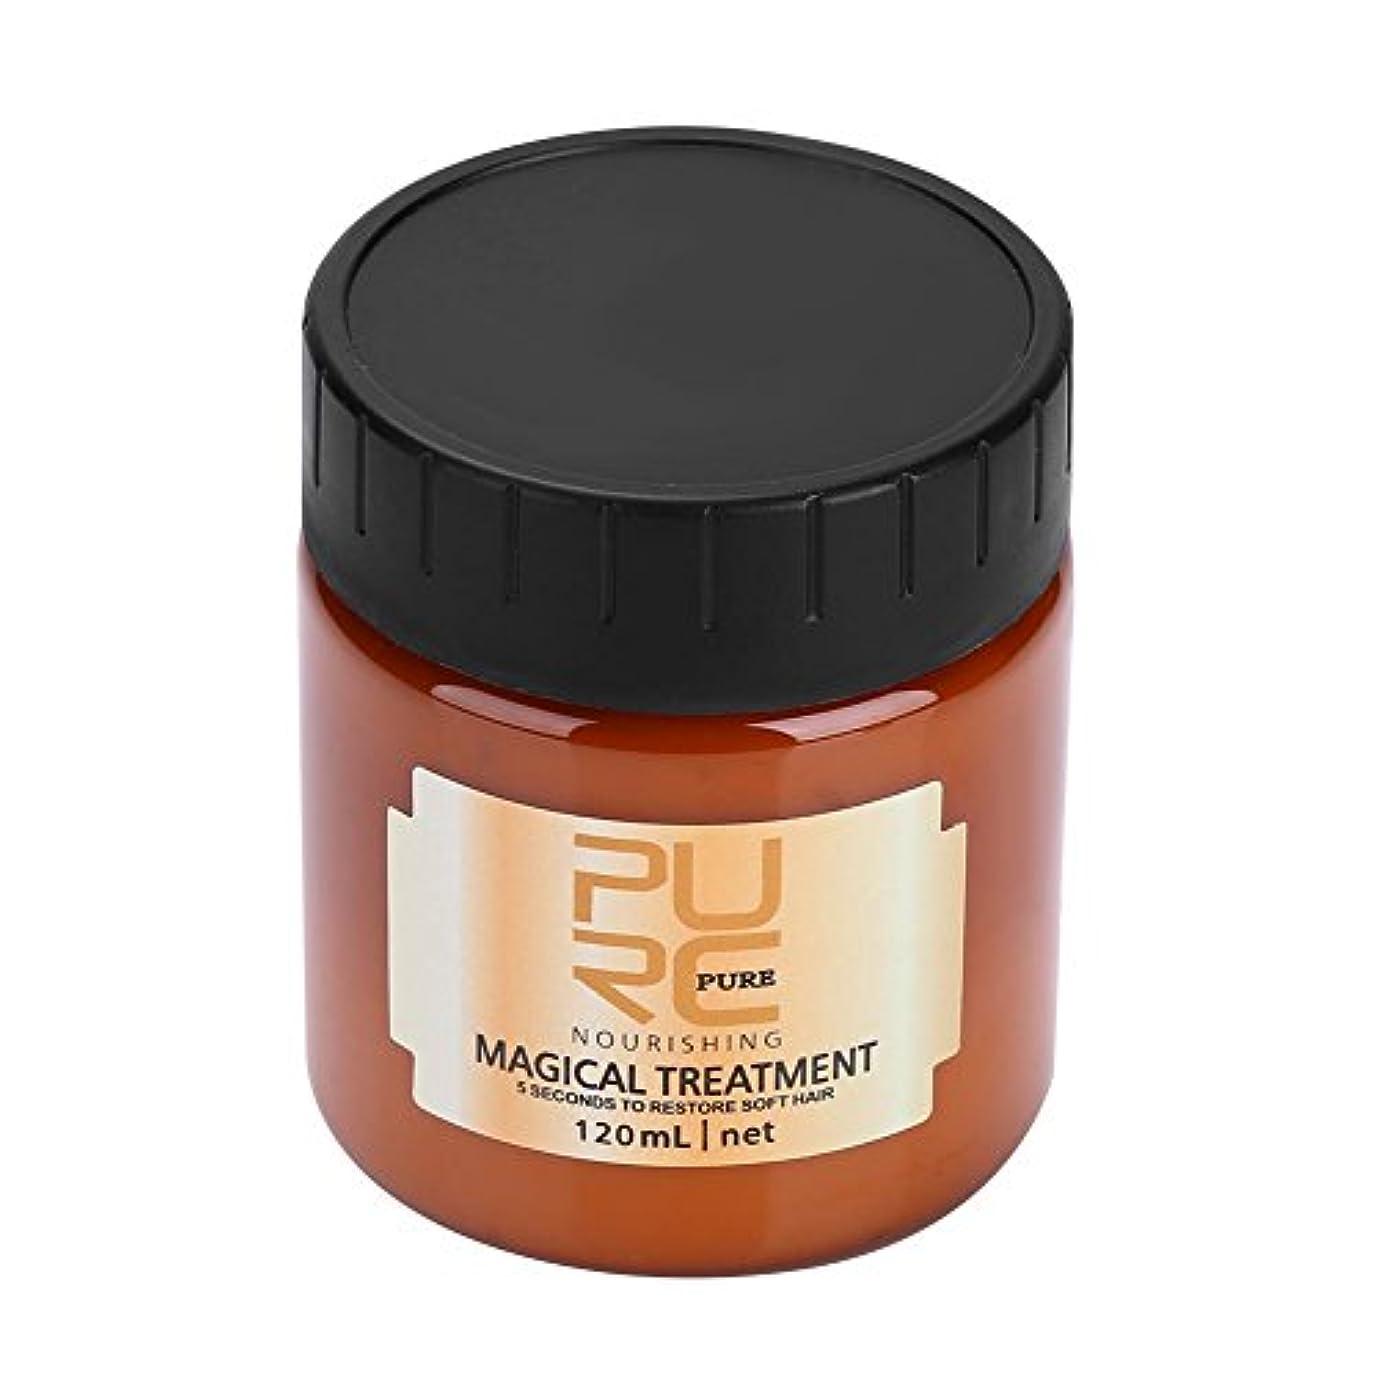 バラエティ弁護人ぎこちないヘアリペアマスク、120ml魔法のヘアマスク栄養治療ソフトスムーズリペアダメージプロフェッショナル